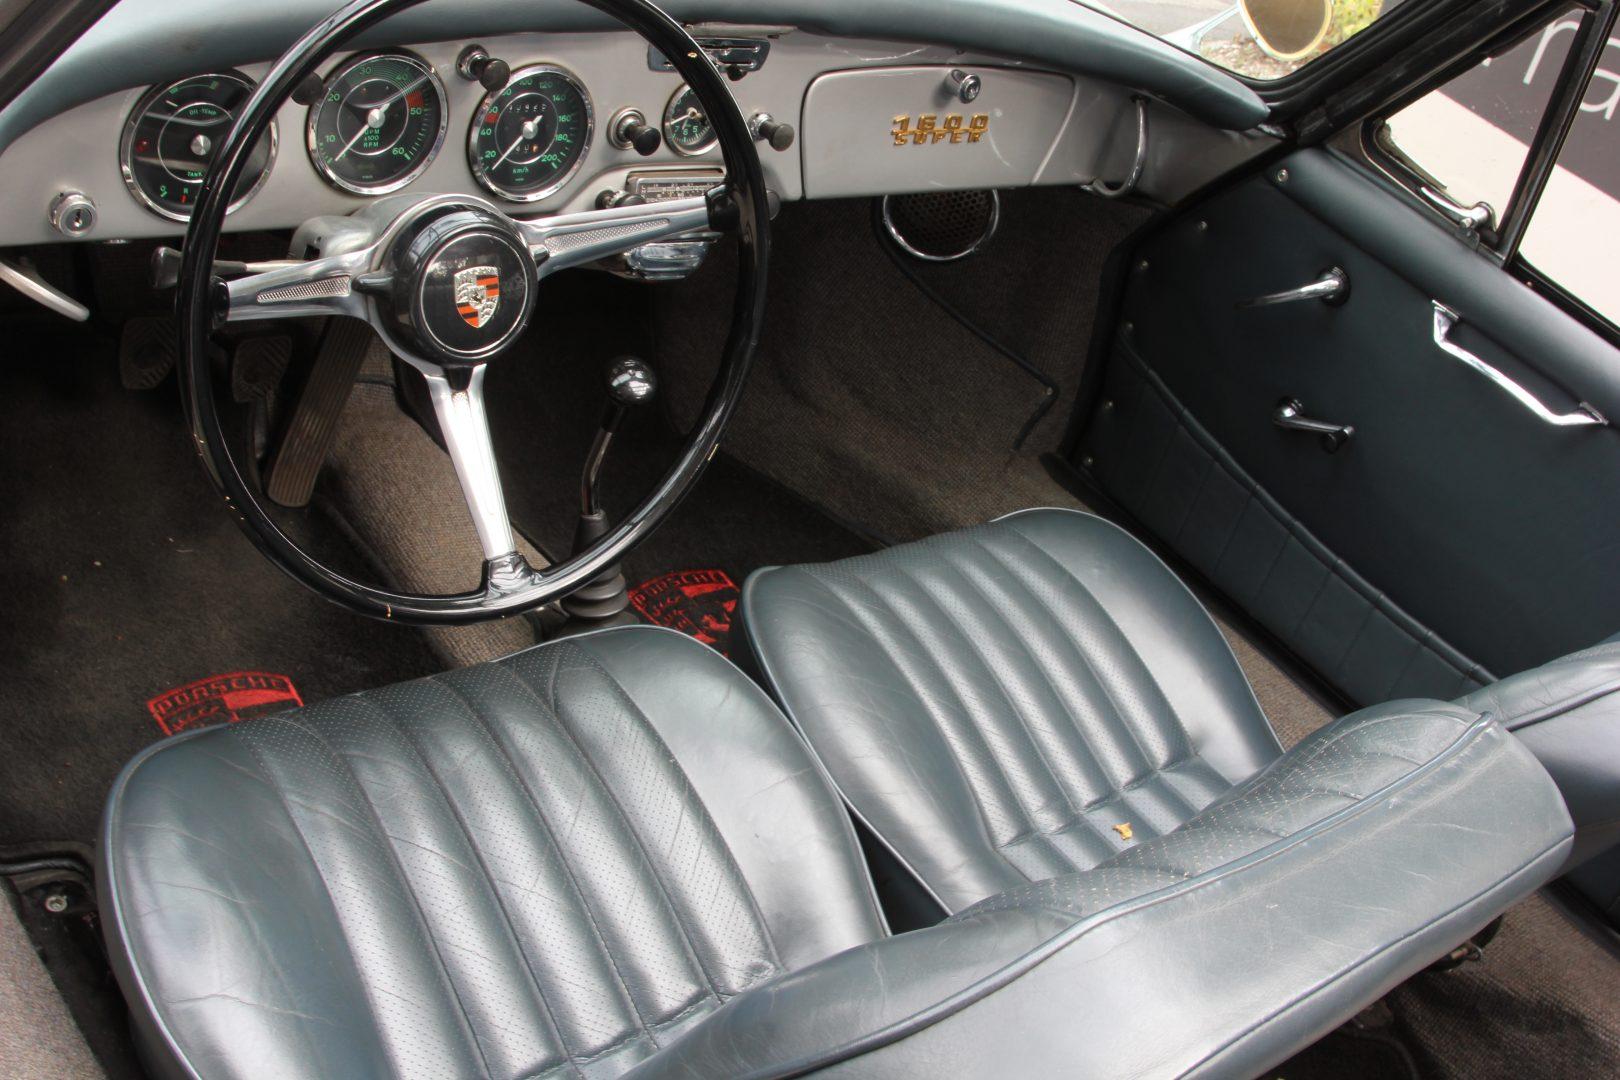 AIL Porsche 356 B 1600 Super 7